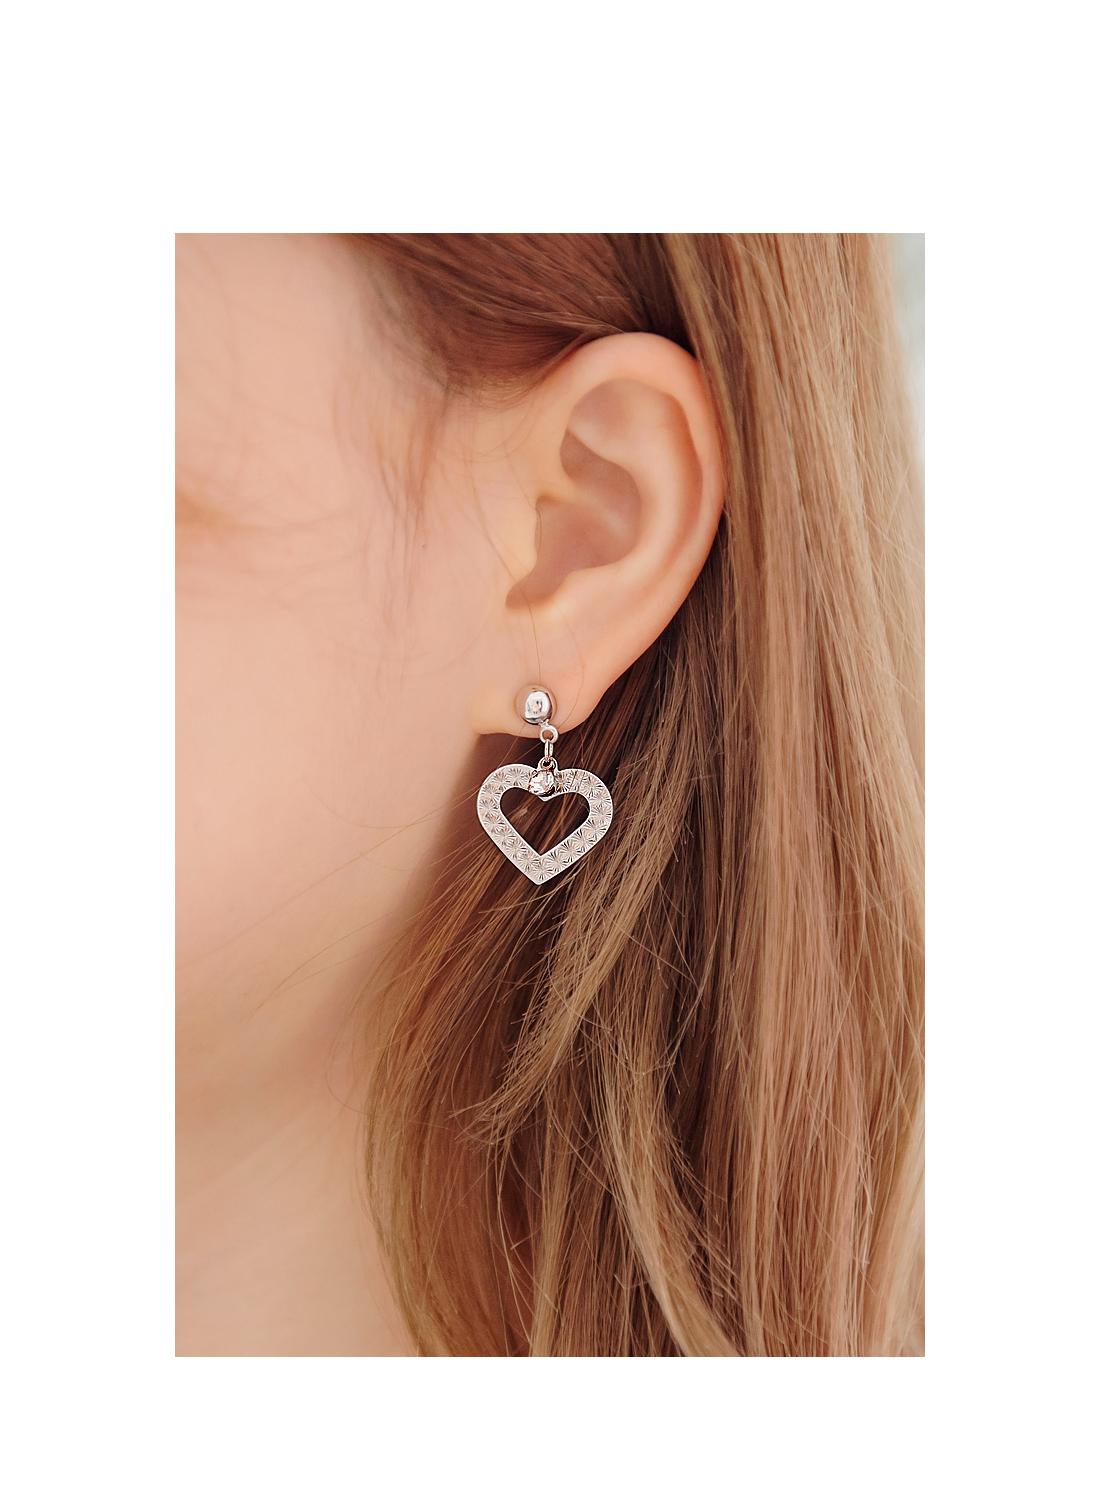 [JEWELRY] TWINKLE HEART CUBIC EARRING